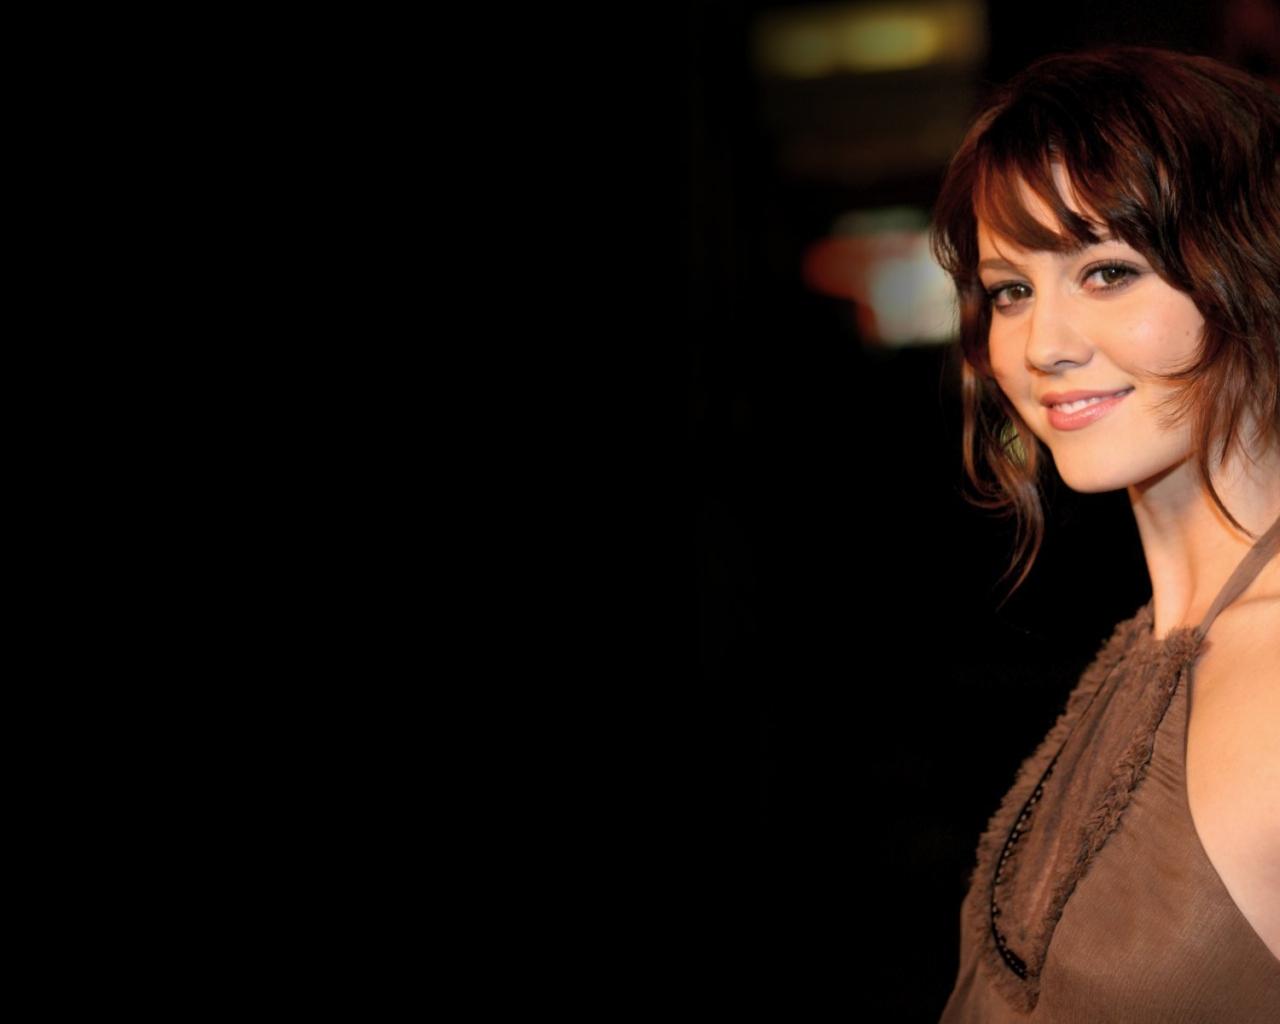 Elizabeth Winstead sonriendo - 1280x1024